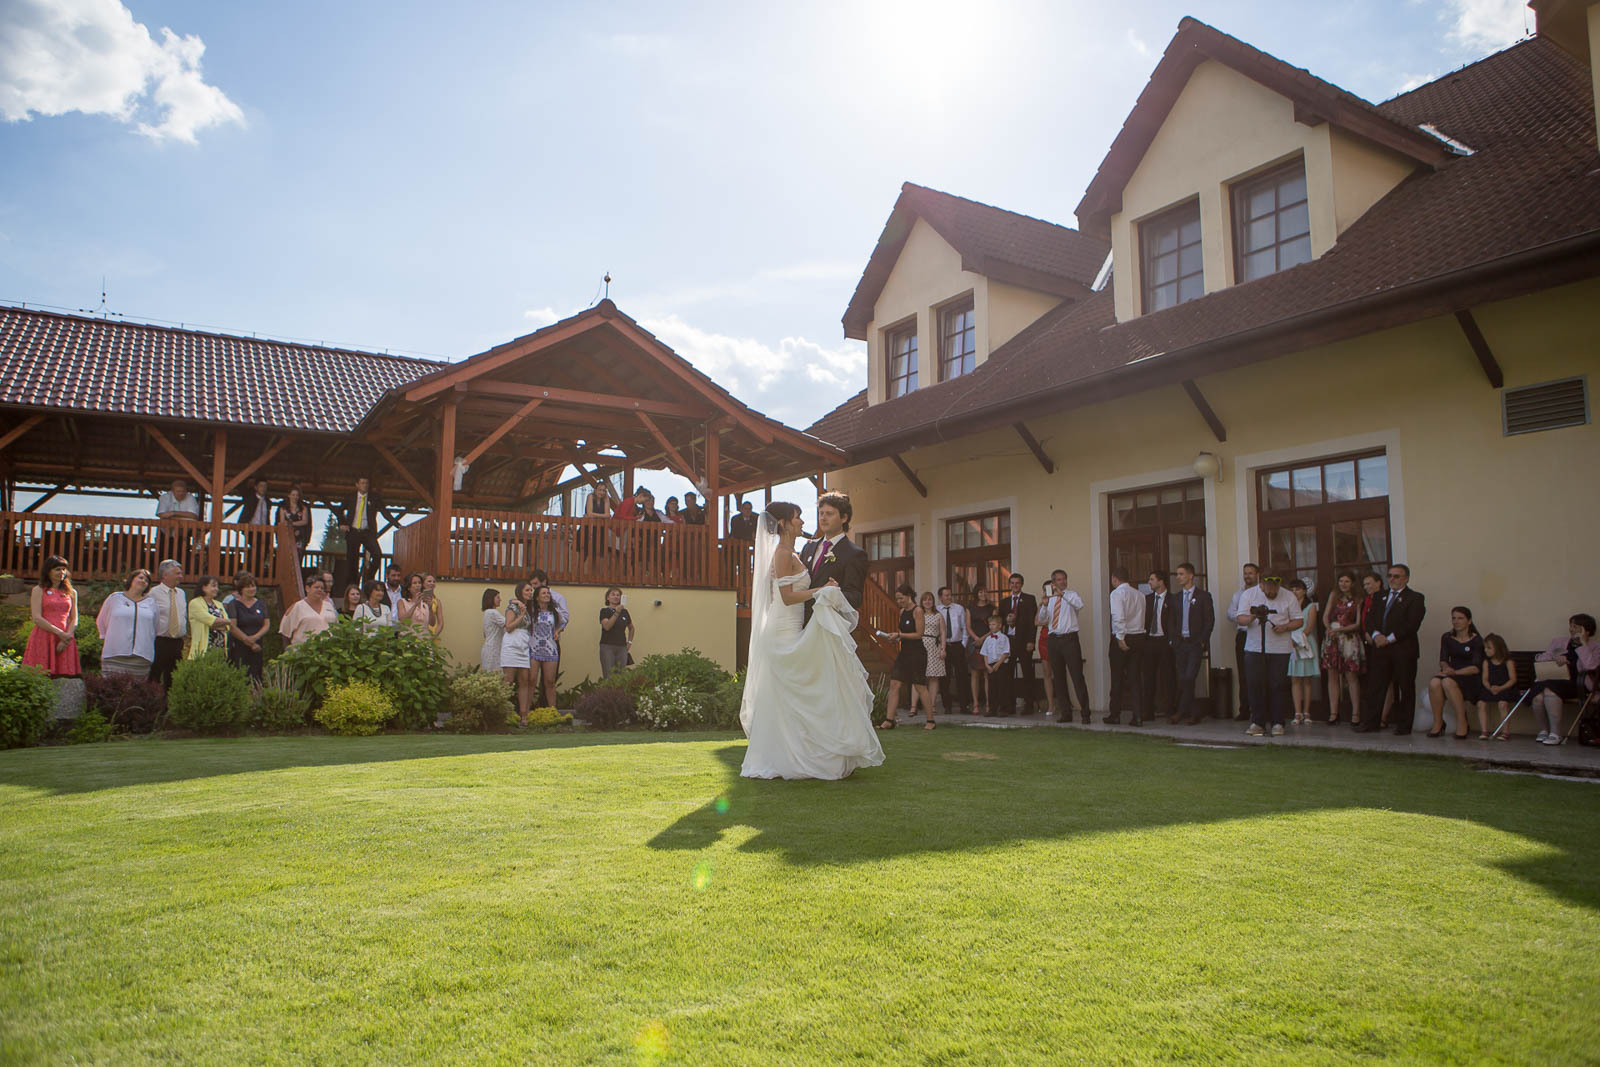 Svatební-fotografie-Mirka-a-Petr-svatební-fotograf- svatebni-kameraman-studio-Beautyfoto-Jižní-Čechy-Zvíkov-Orlík-svatební-videobeautyfoto-91